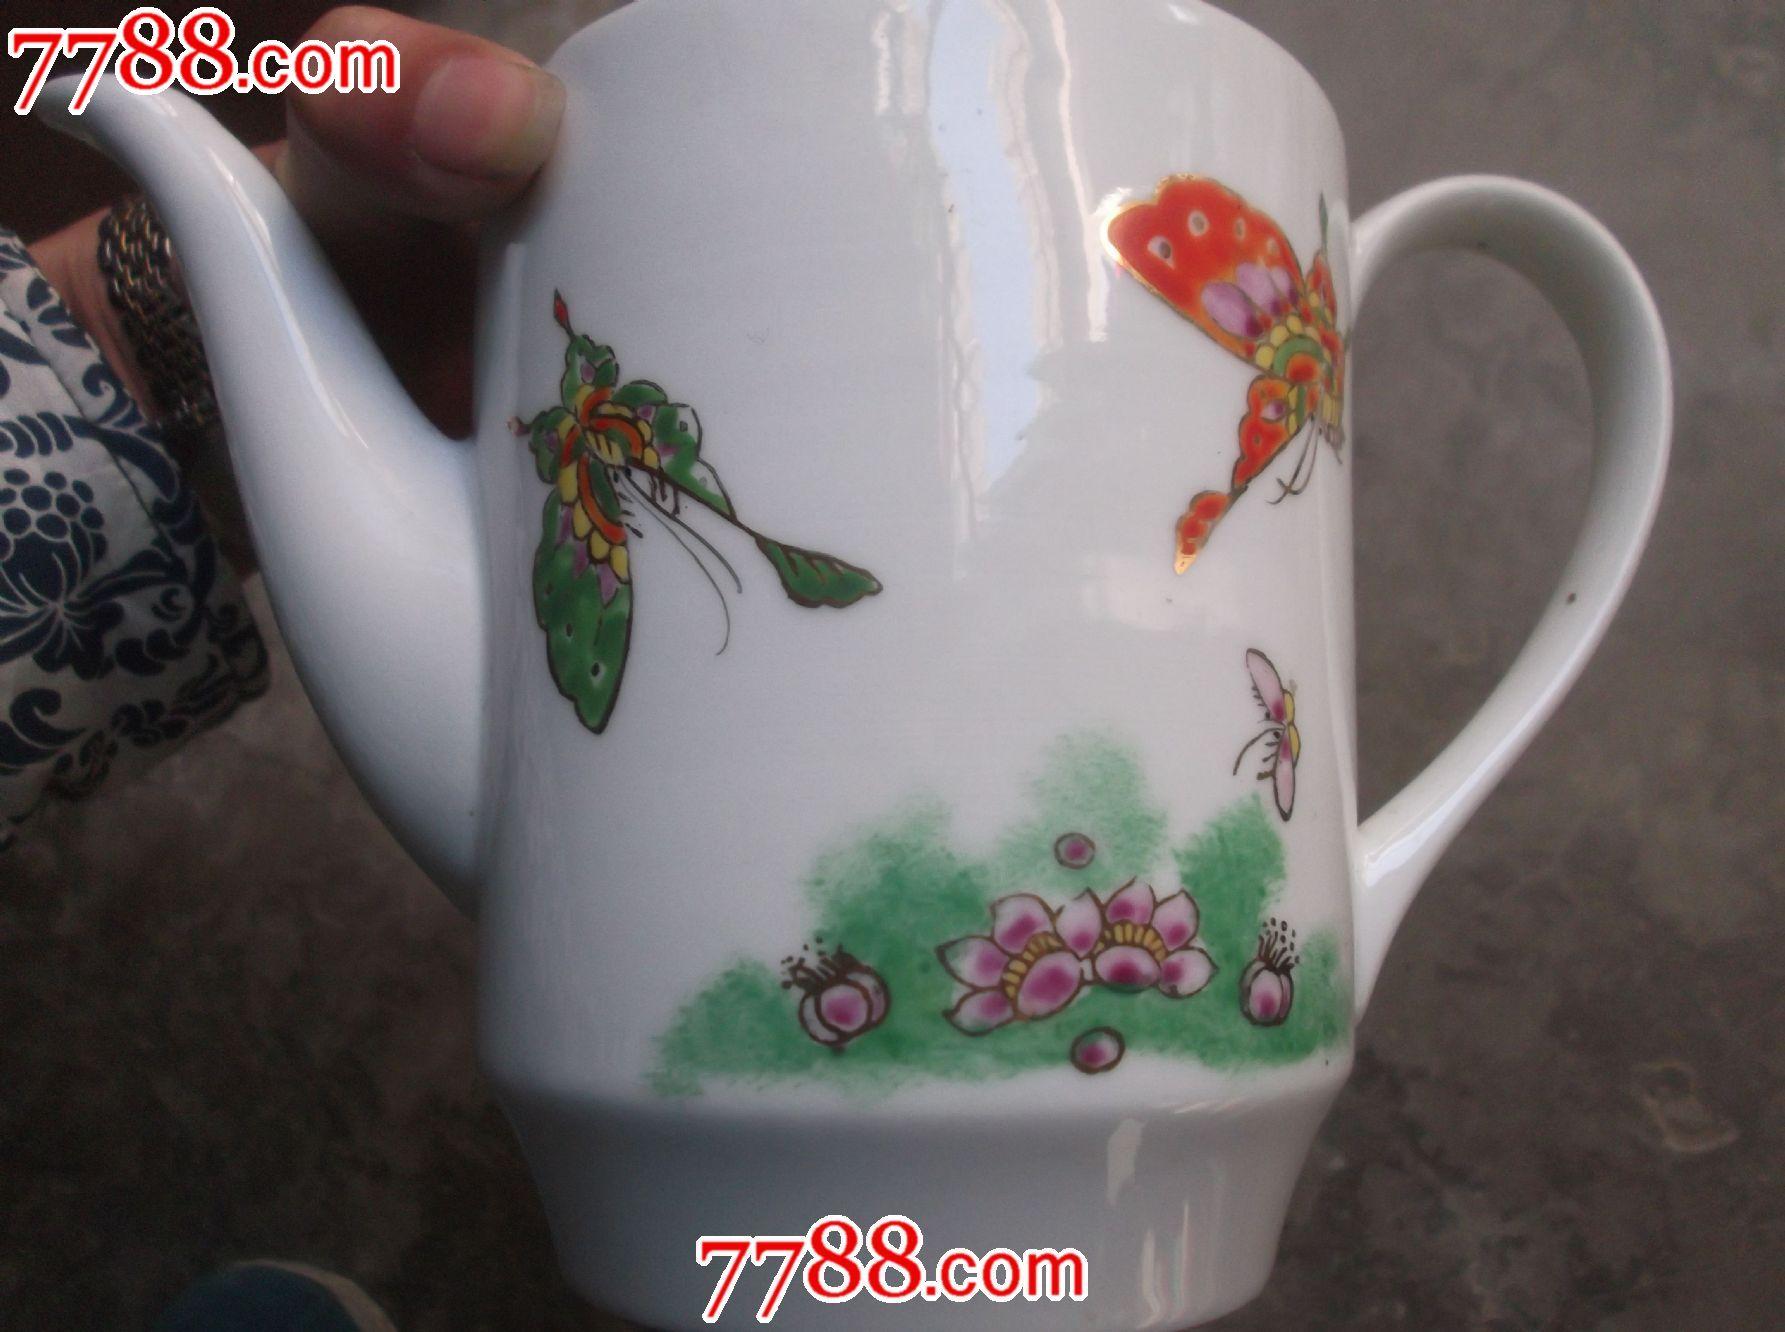 产品设计手绘图陶瓷_产品设计手绘图陶瓷分享展示